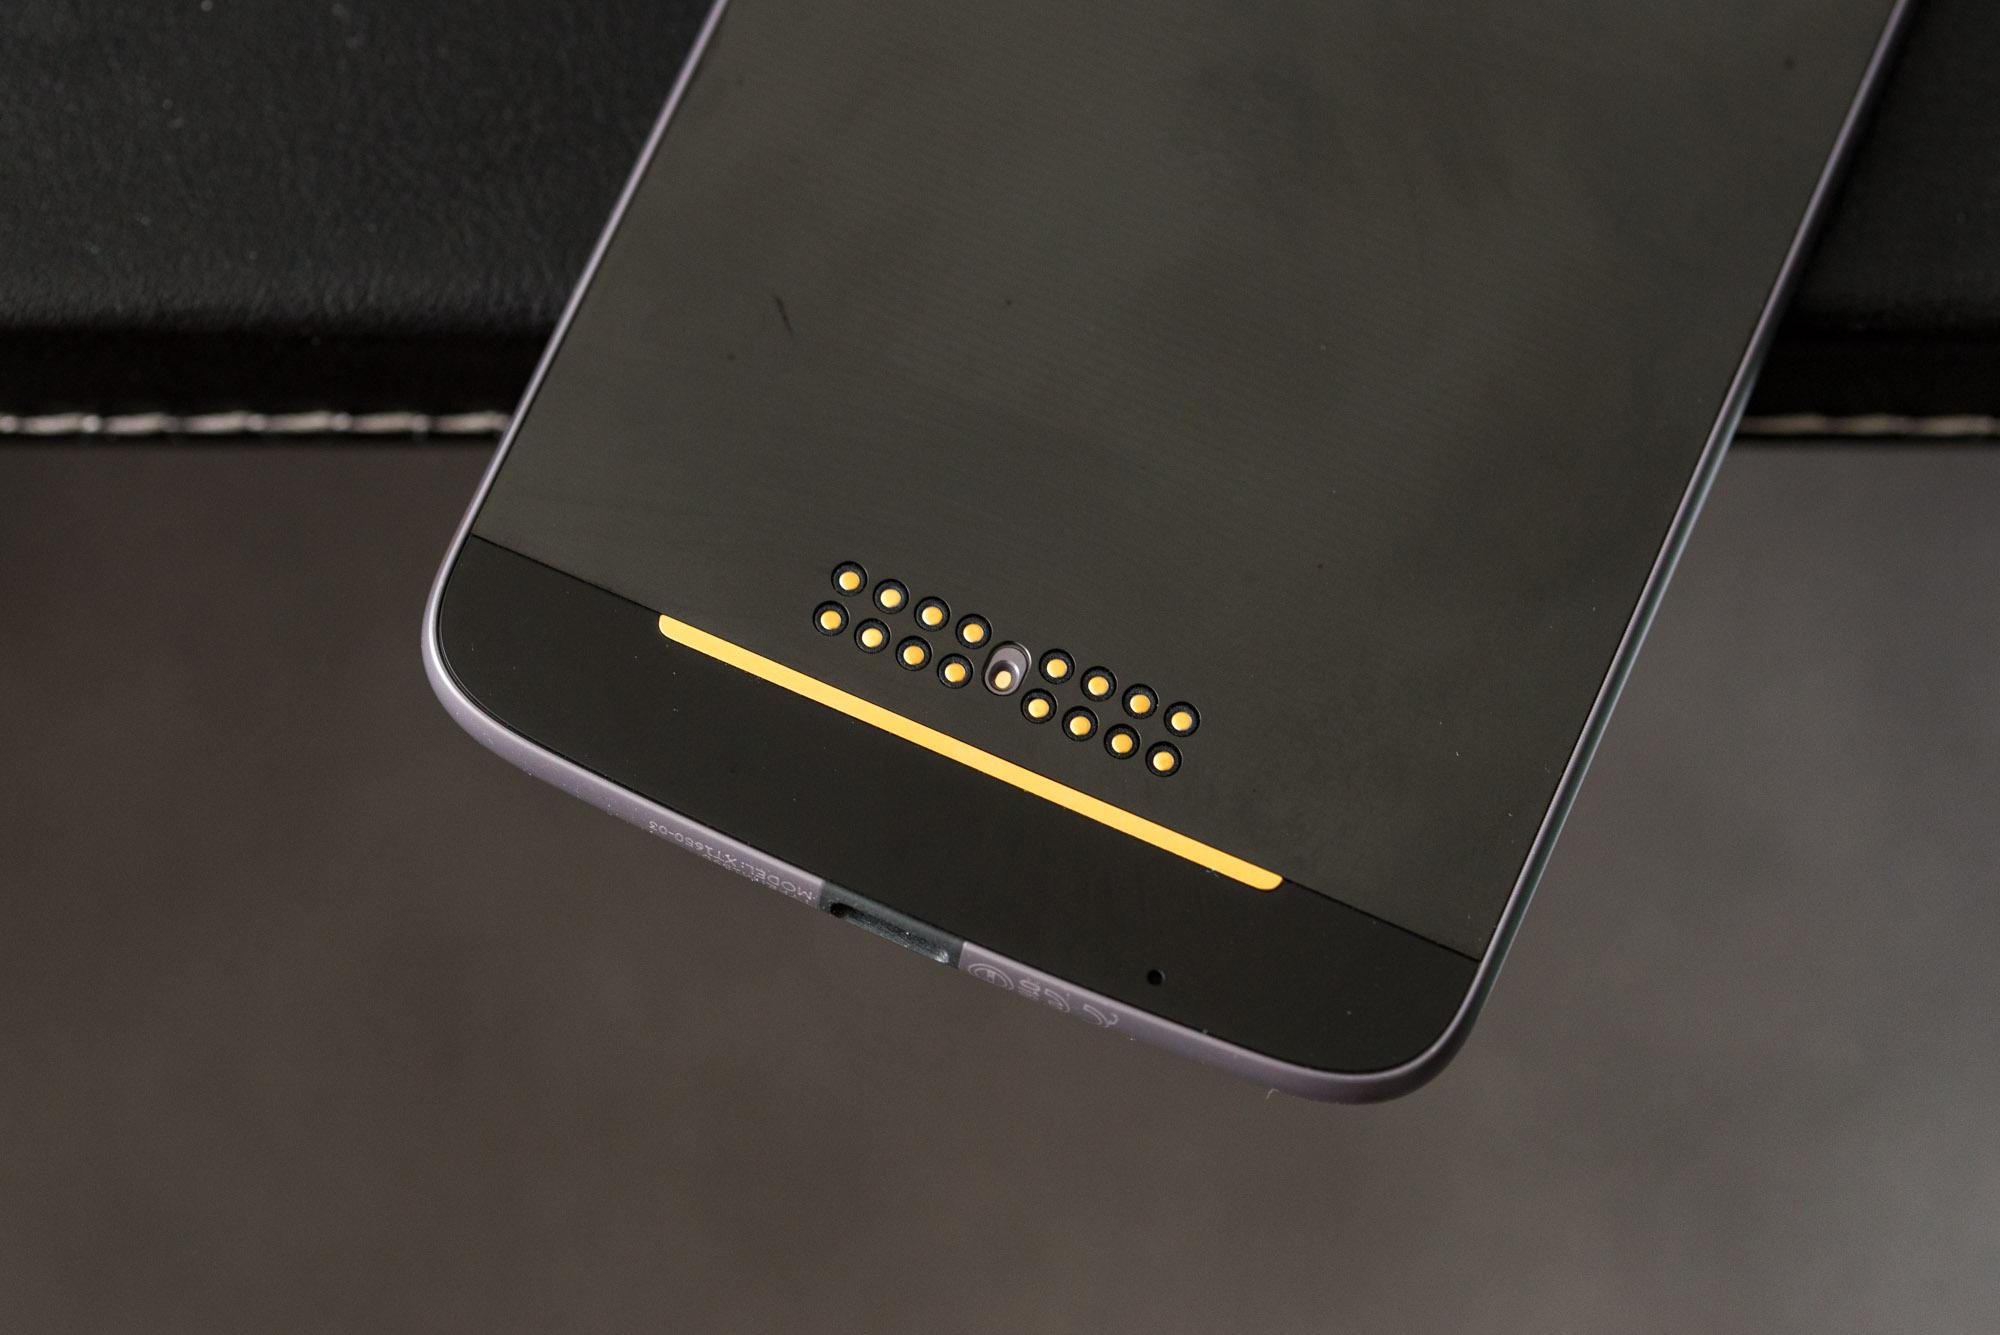 Lenovo Moto Z Play – to może być pierwszy modułowy smartfon w przystępnej cenie